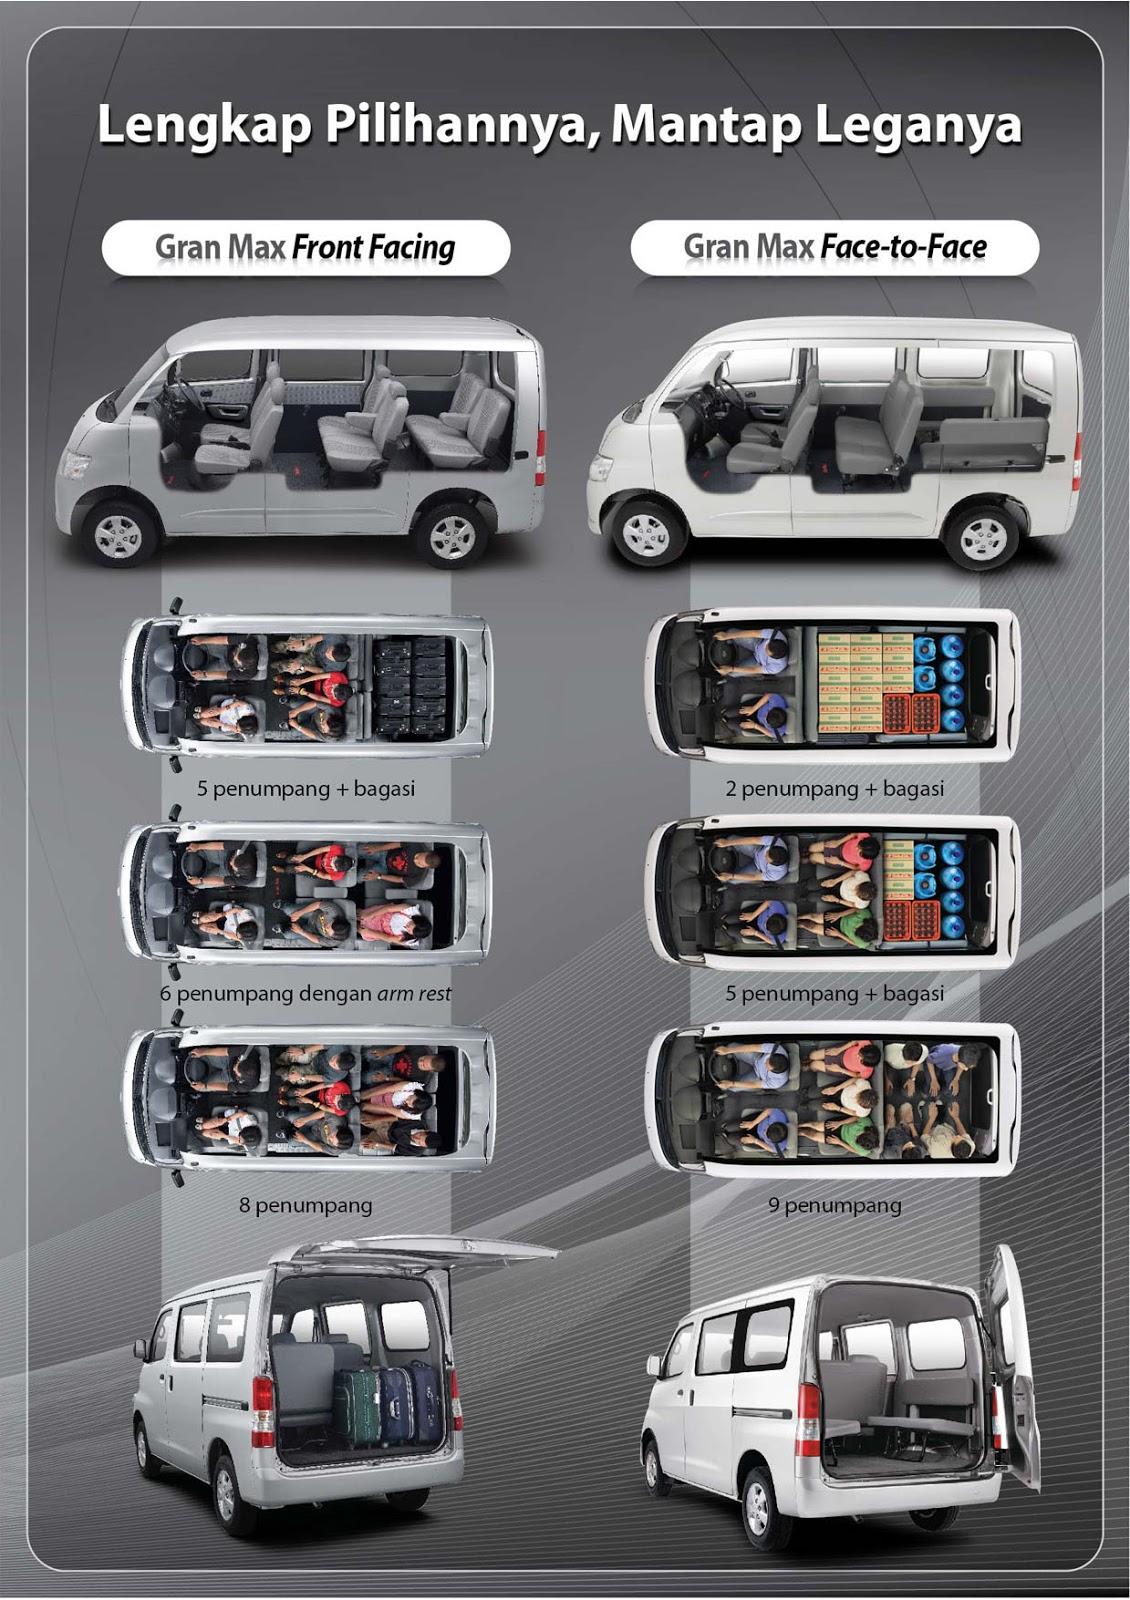 Harga Spesifikasi Mobil Daihatsu Grandmax